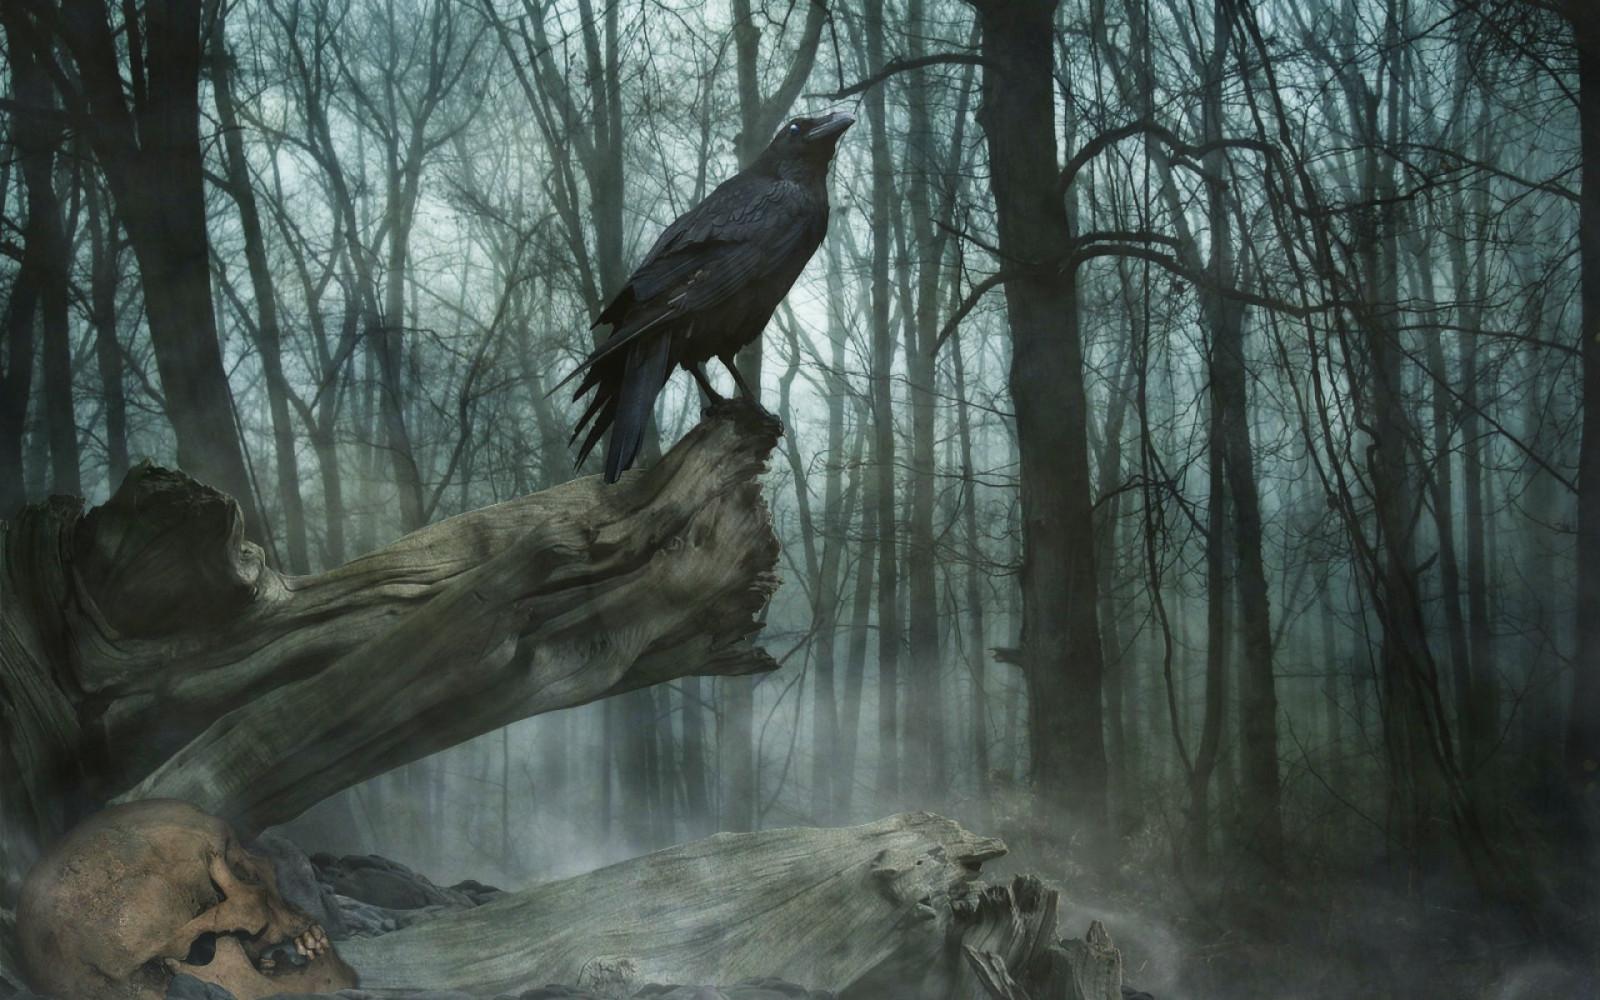 картинки загадочных птиц пользование